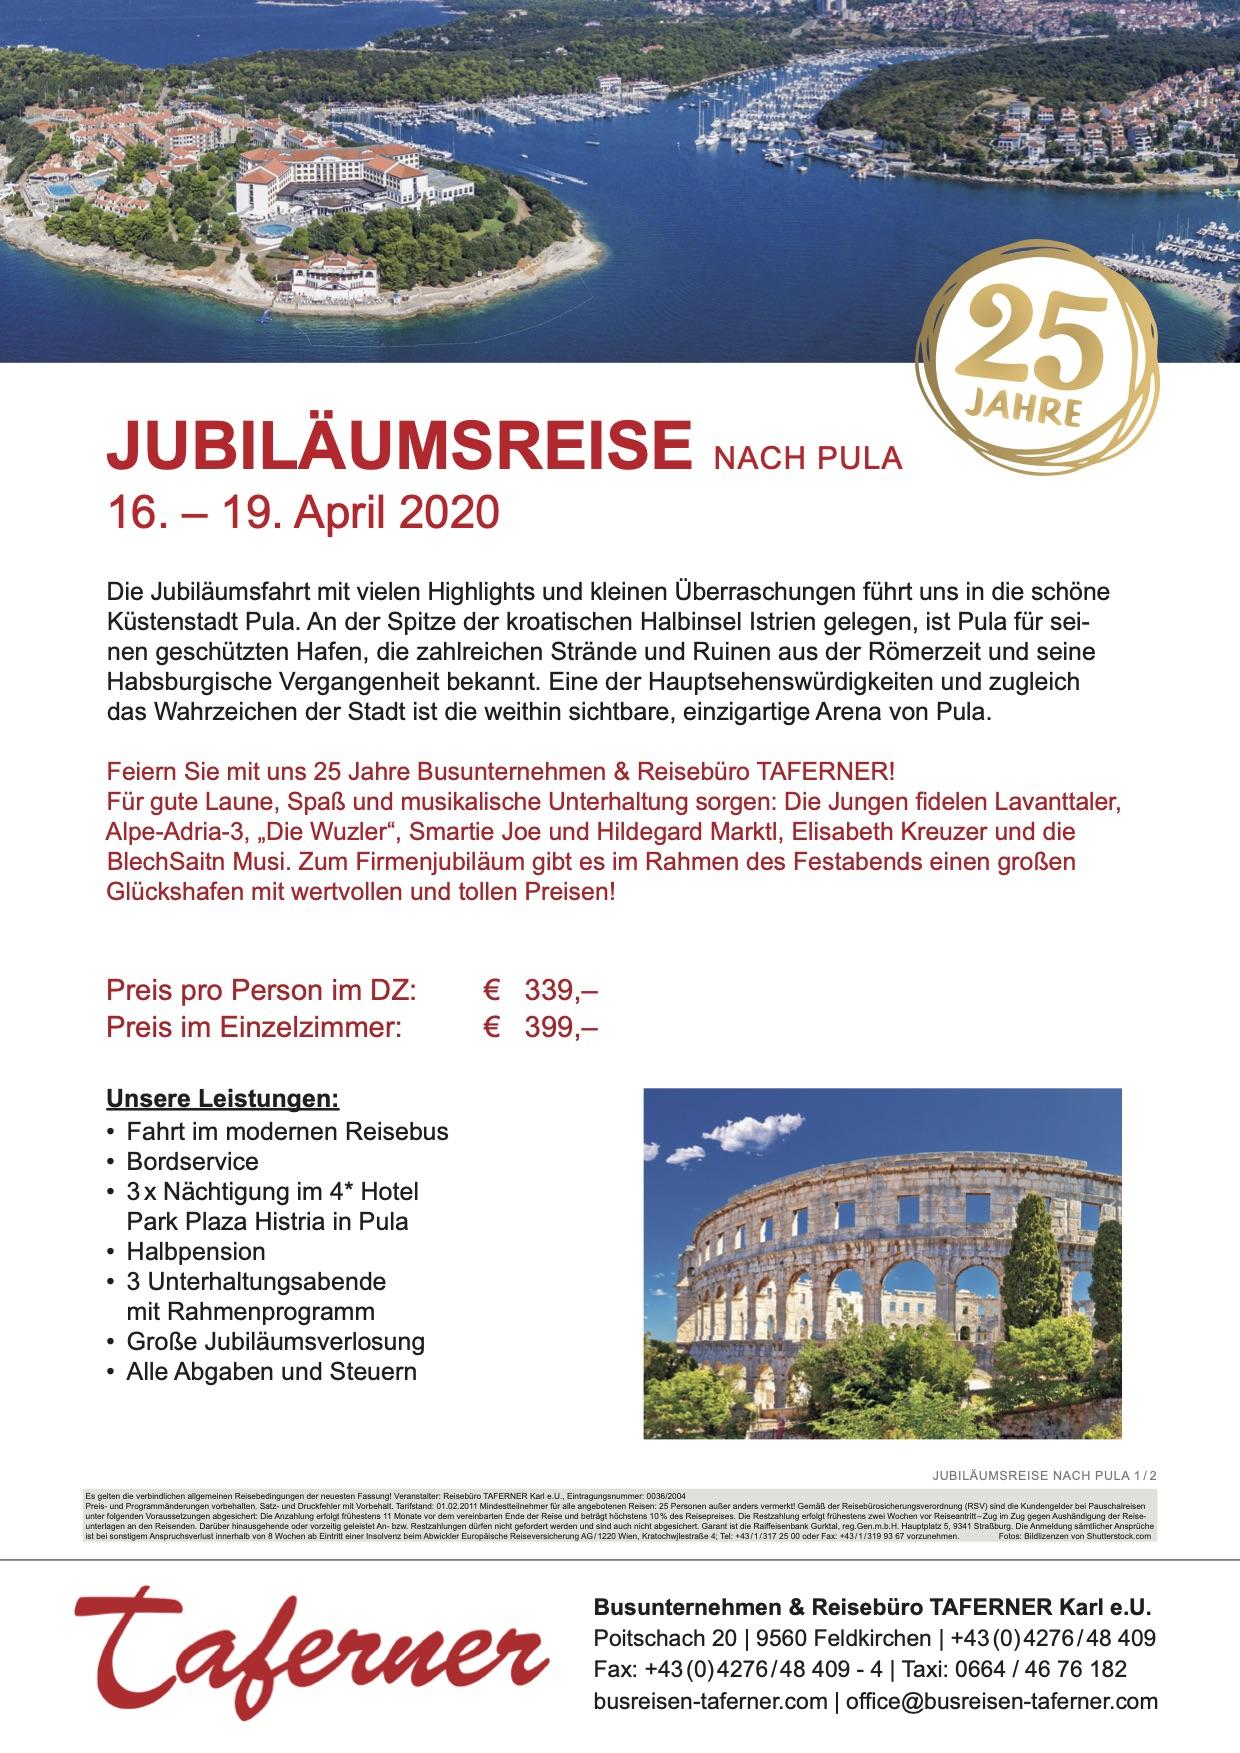 KFB_TAFERNER_JubilaeumsreisePula2020